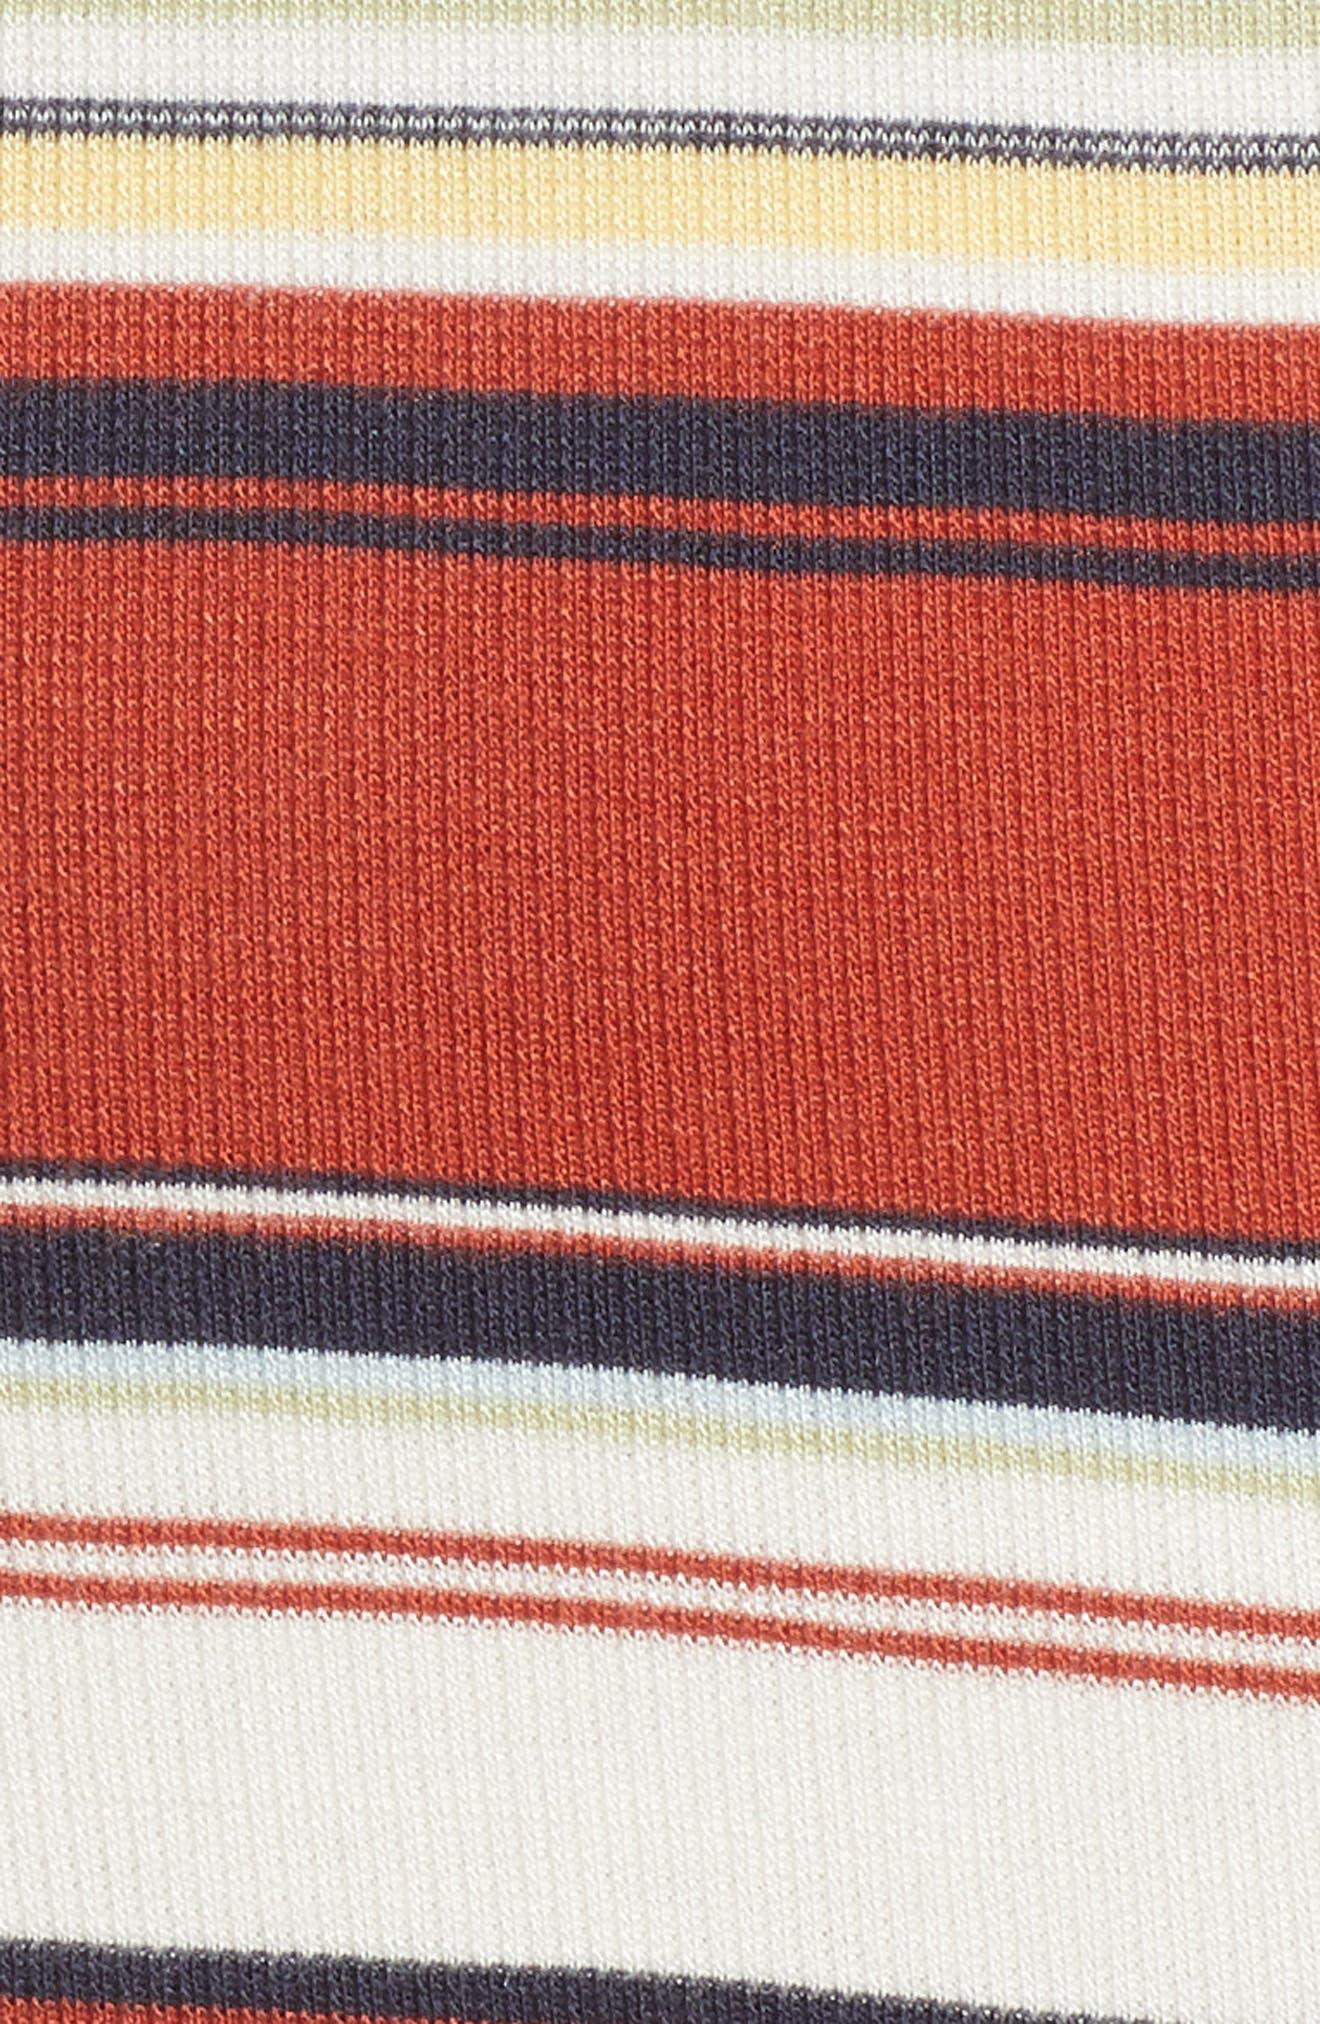 Homesick Stripe Ribbed Dress,                             Alternate thumbnail 6, color,                             Brick Multi